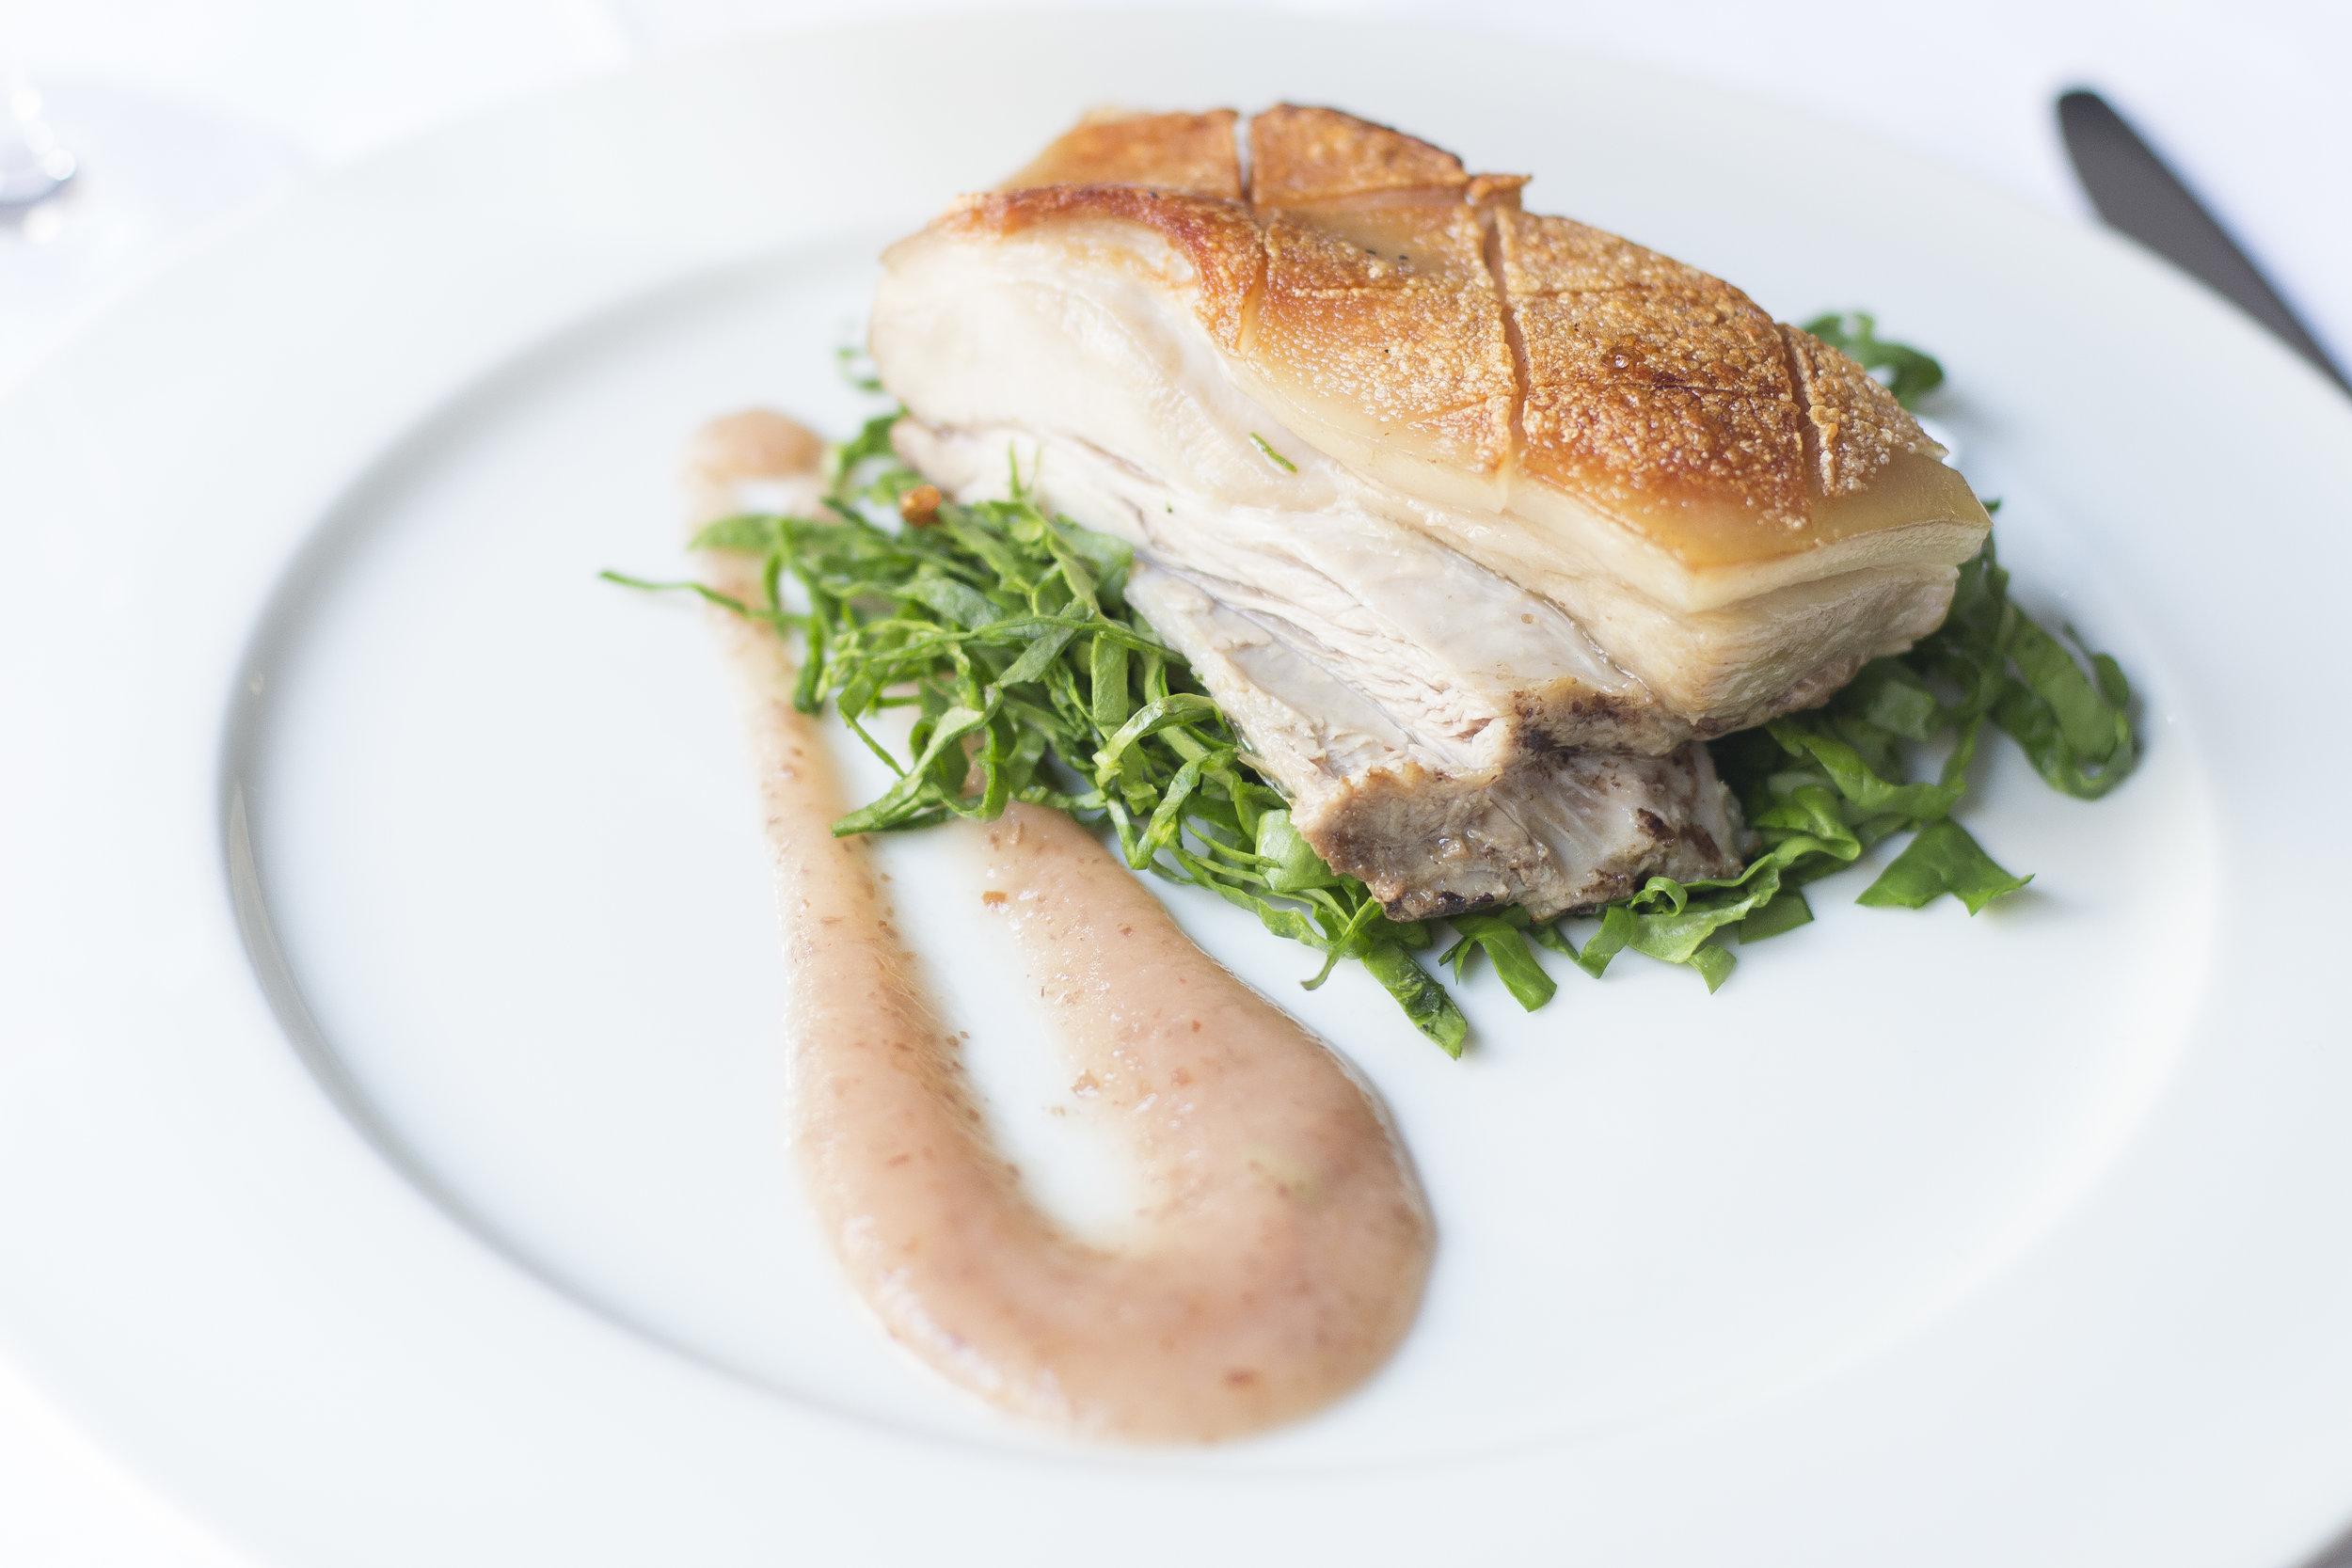 servizio fotografico per chef ristoratore